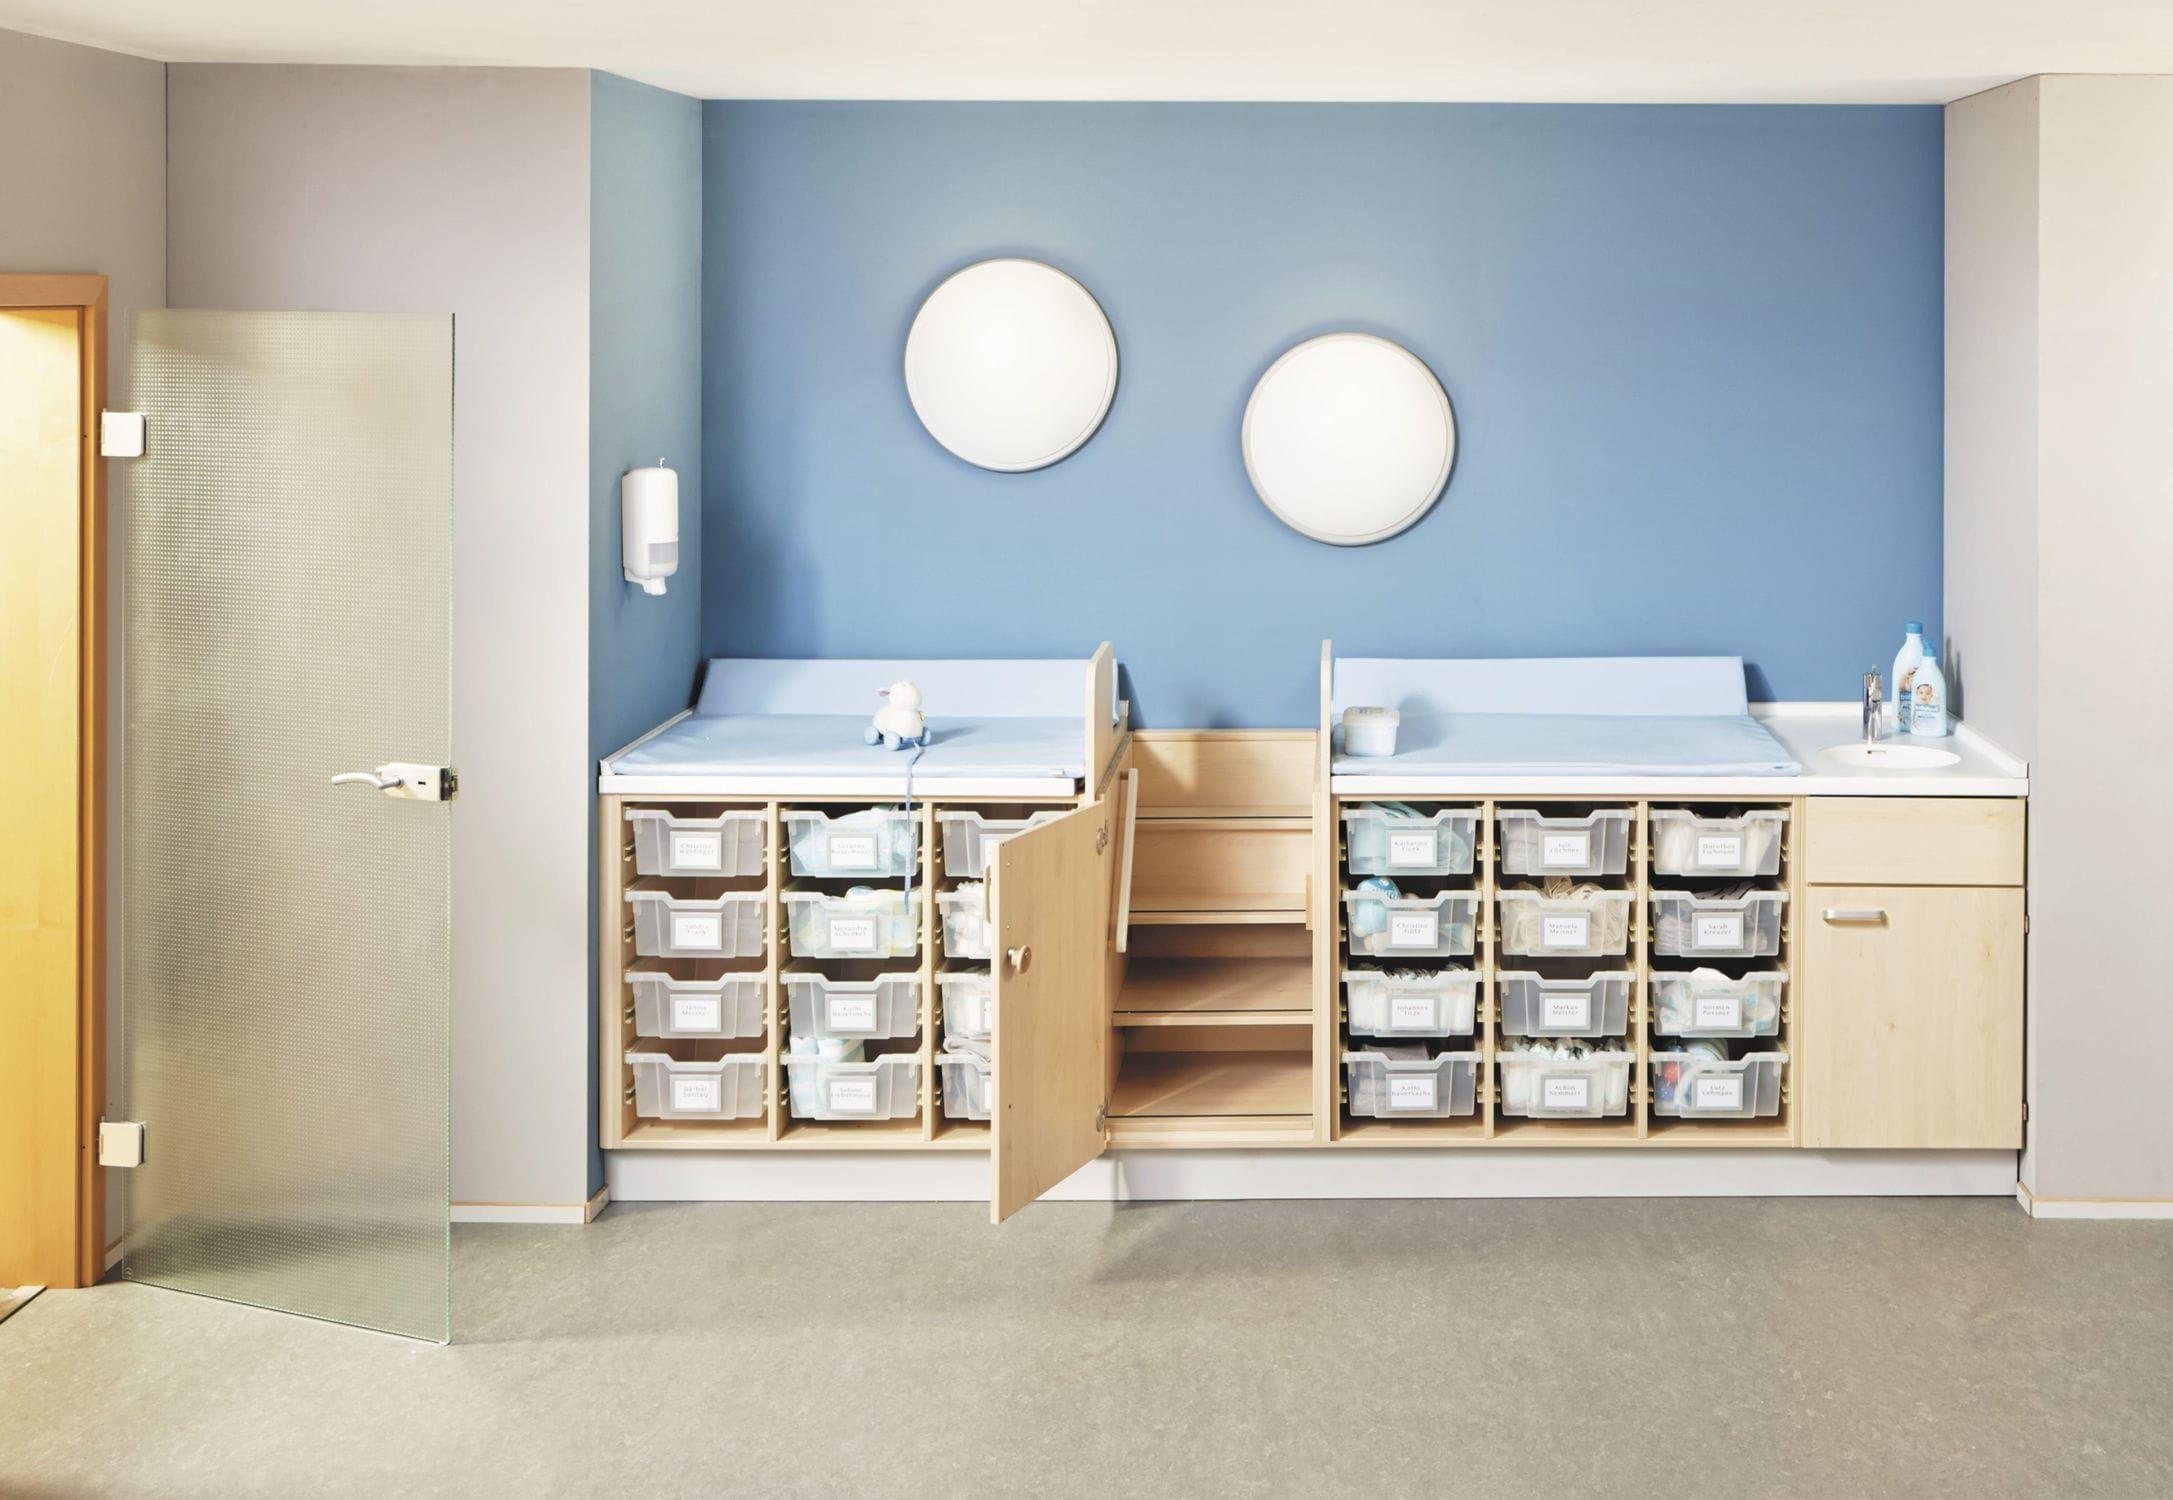 holz wickeltisch mit badewanne f r berufliche nutzung. Black Bedroom Furniture Sets. Home Design Ideas